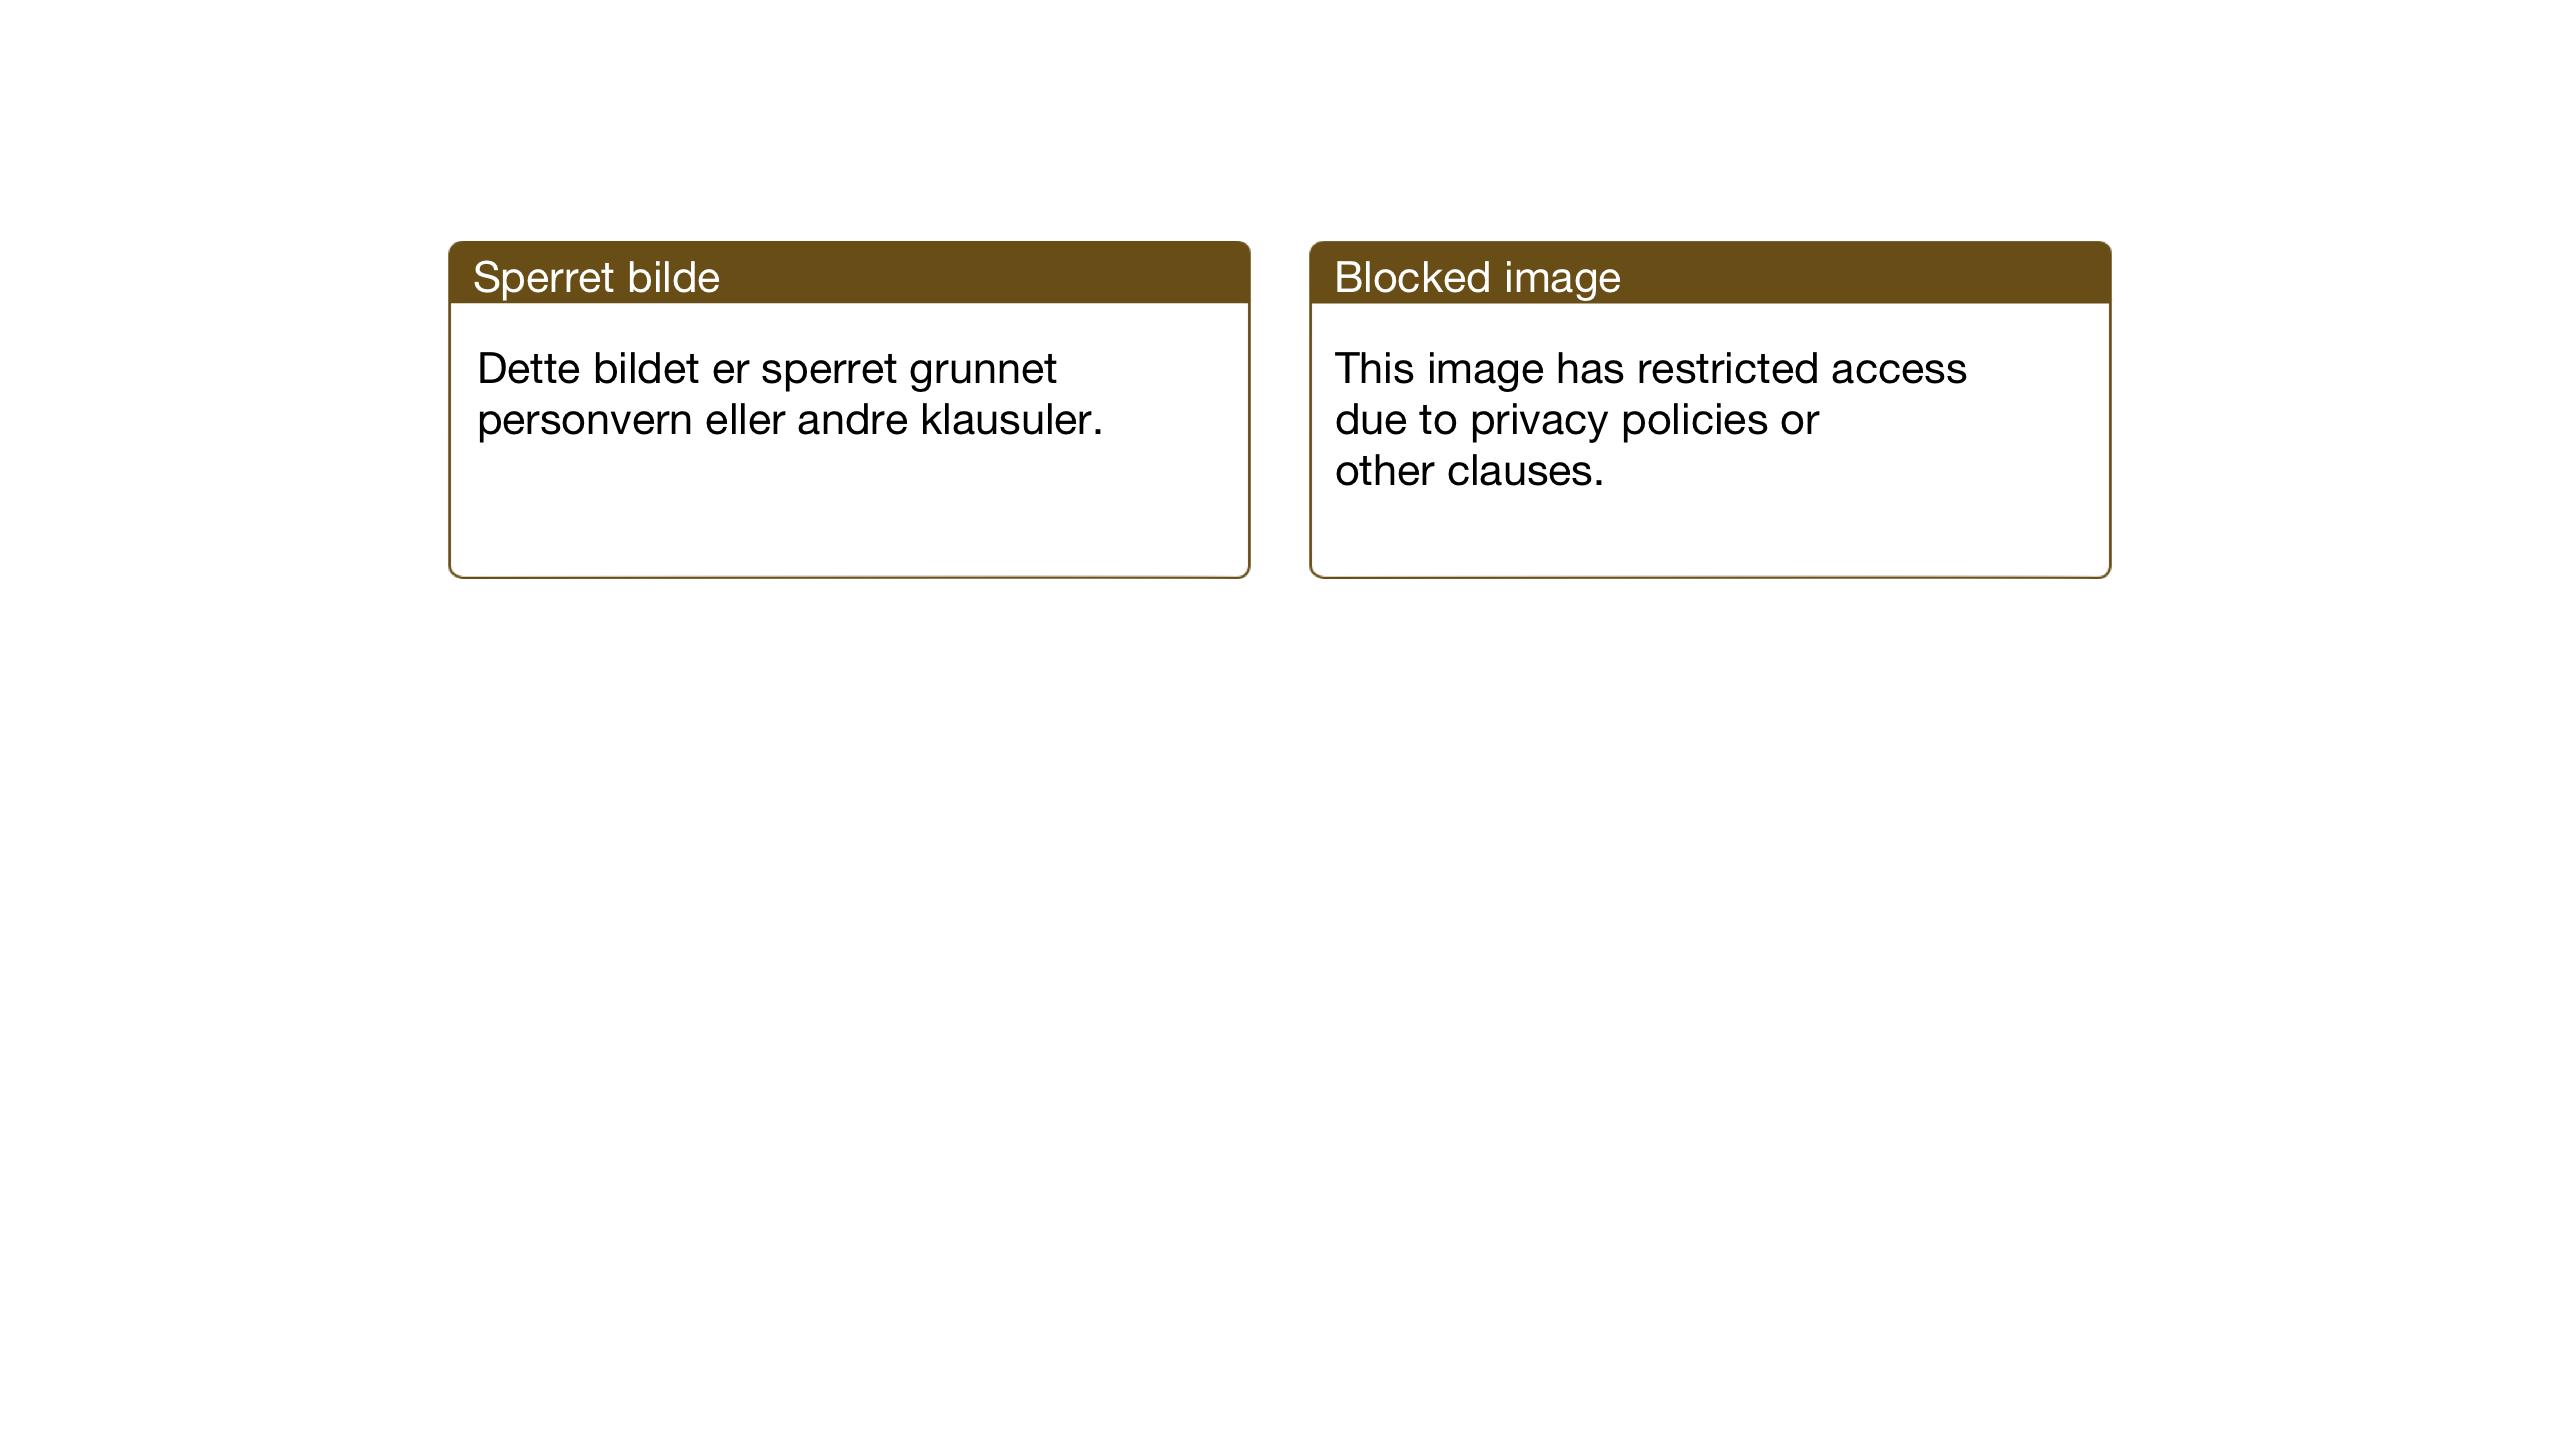 SAT, Ministerialprotokoller, klokkerbøker og fødselsregistre - Sør-Trøndelag, 637/L0564: Klokkerbok nr. 637C05, 1928-1968, s. 218